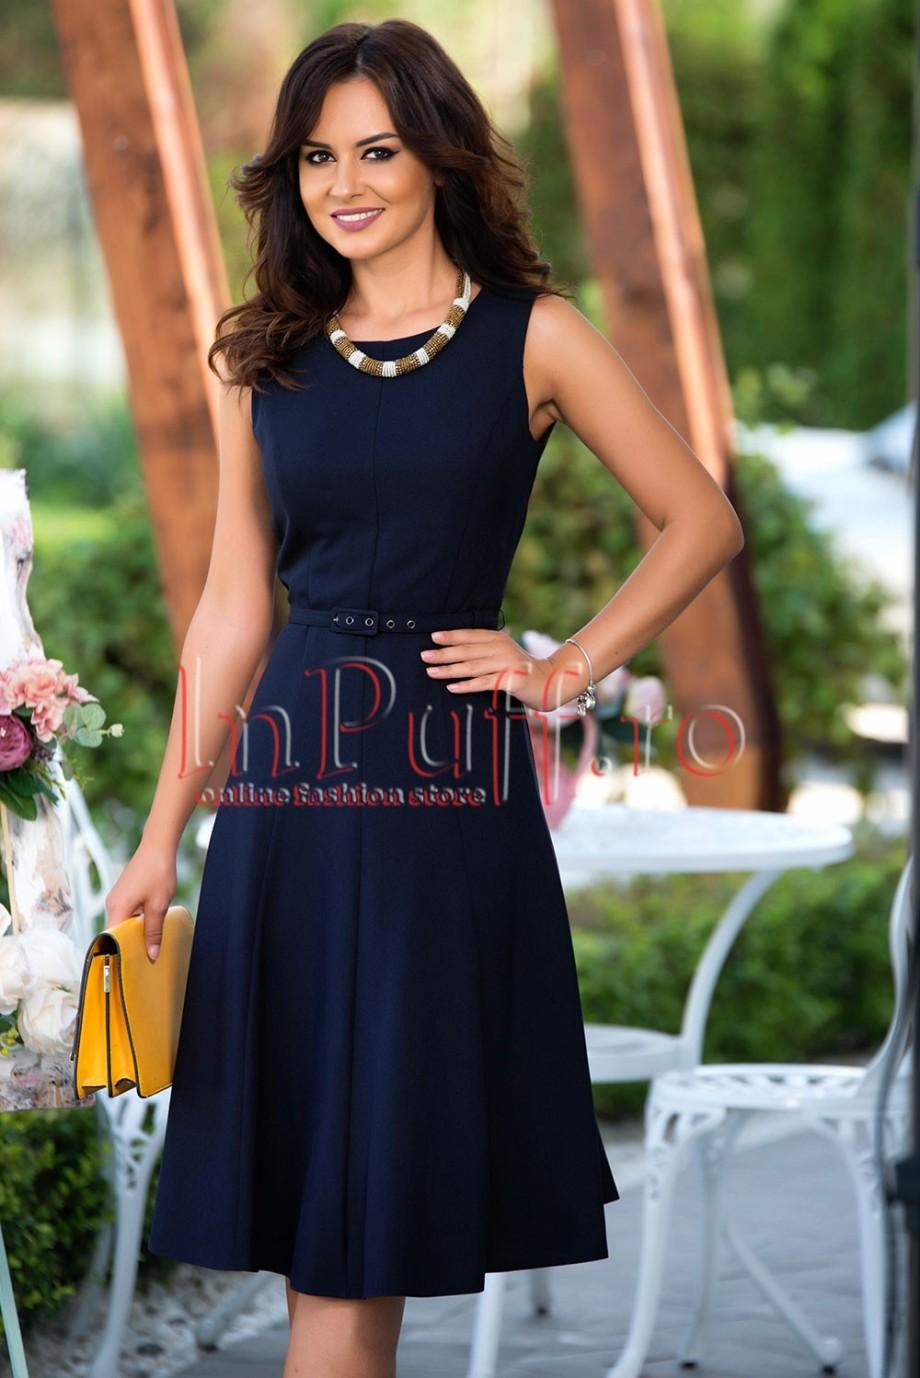 rochie-midi-eleganta-bleumarin-1505205704-4